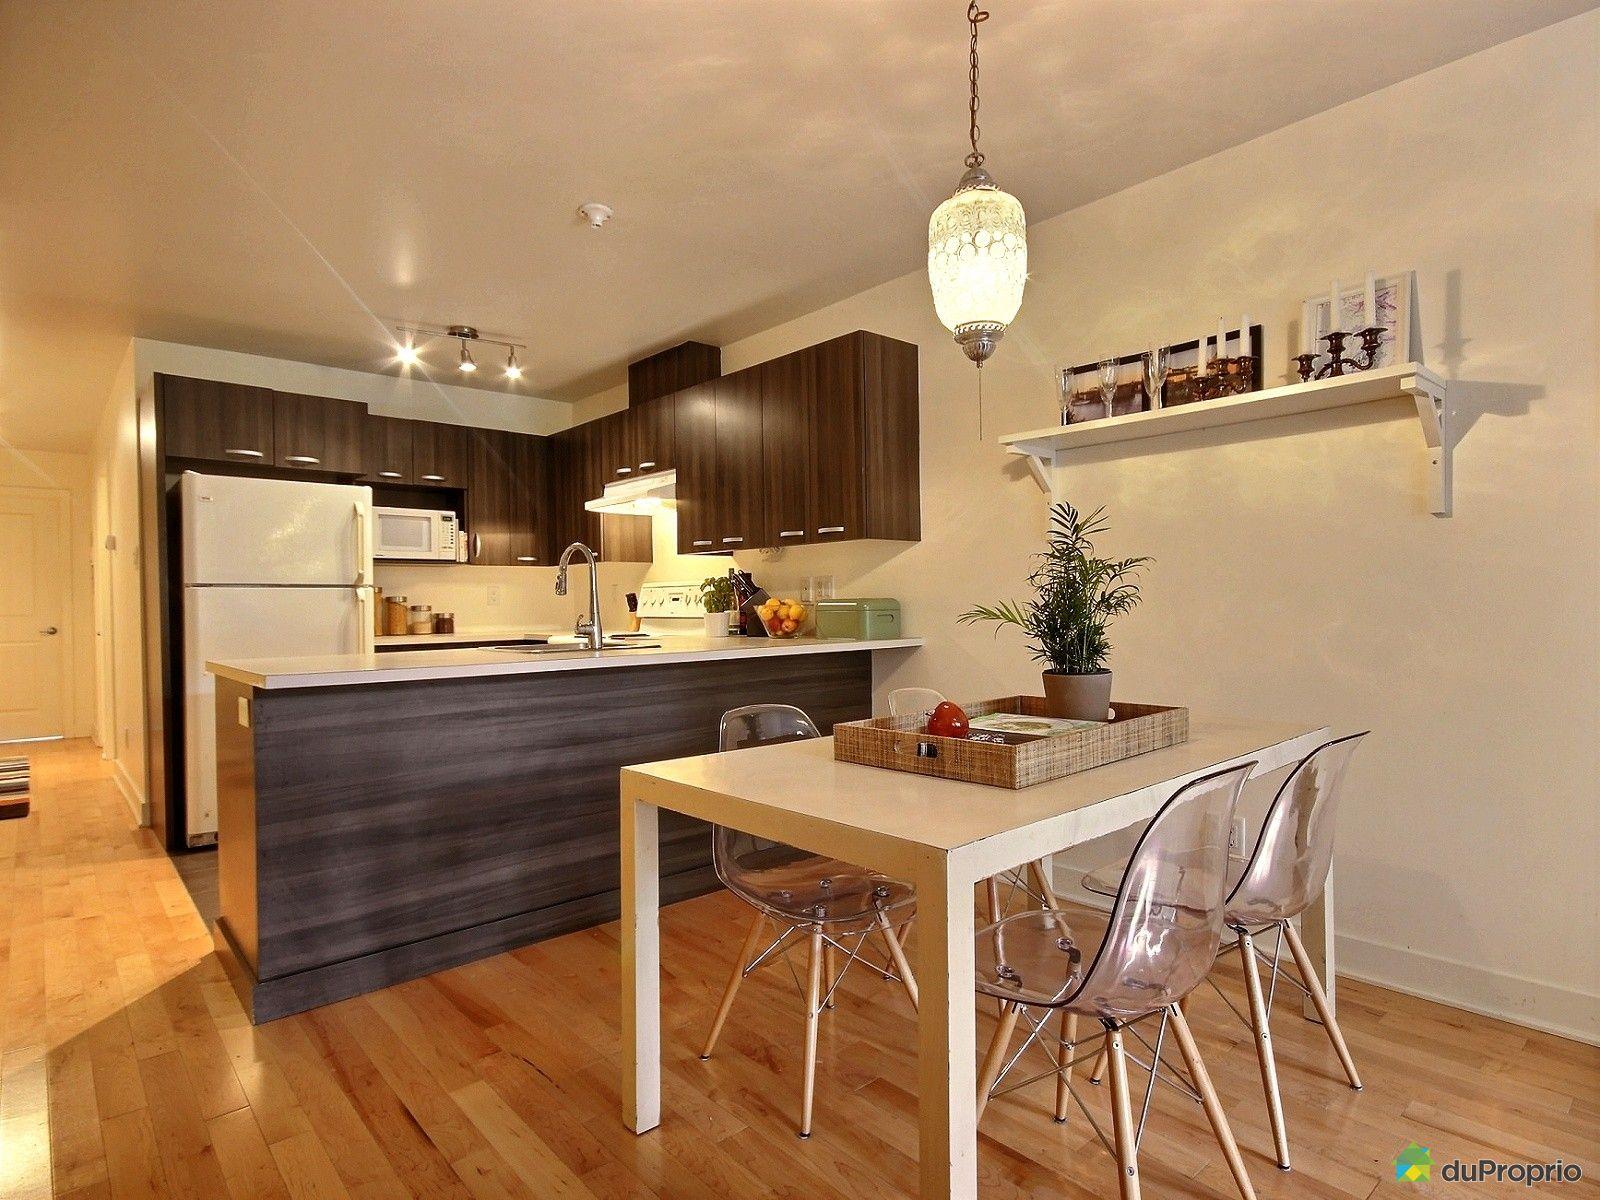 Condo Vendu Montr Al Immobilier Qu Bec Duproprio 543513